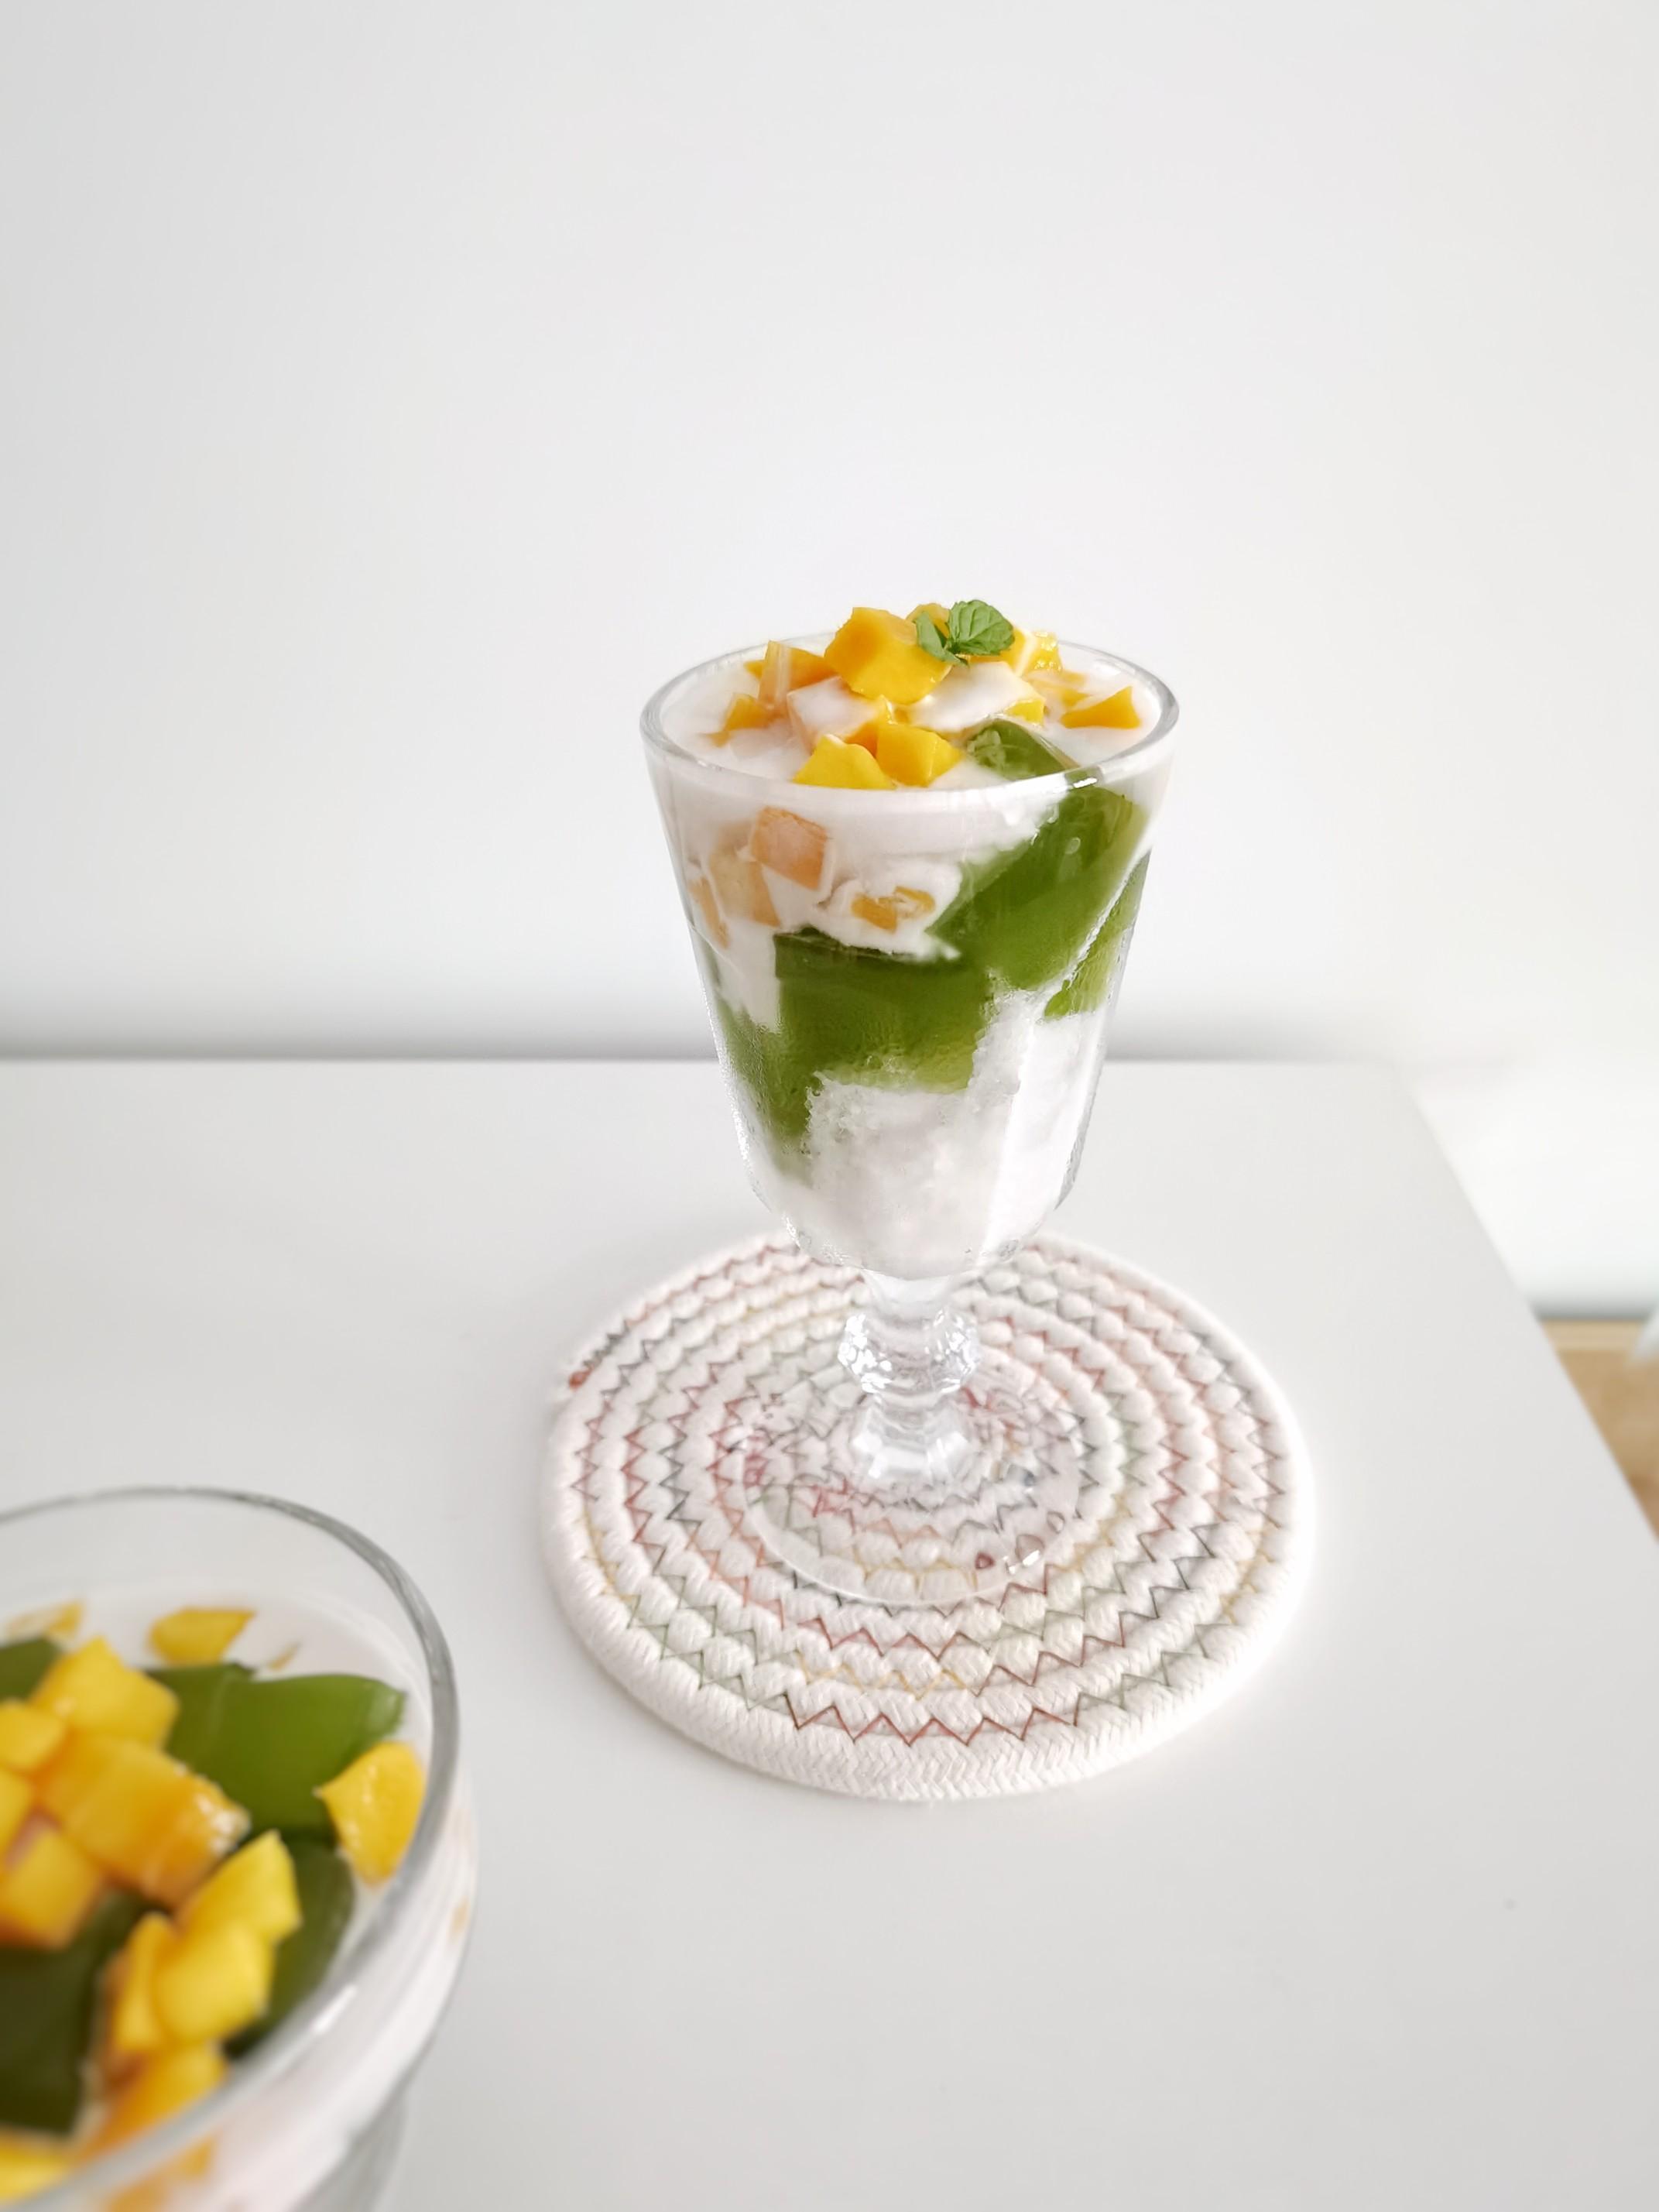 生椰香兰冻冻冰成品图